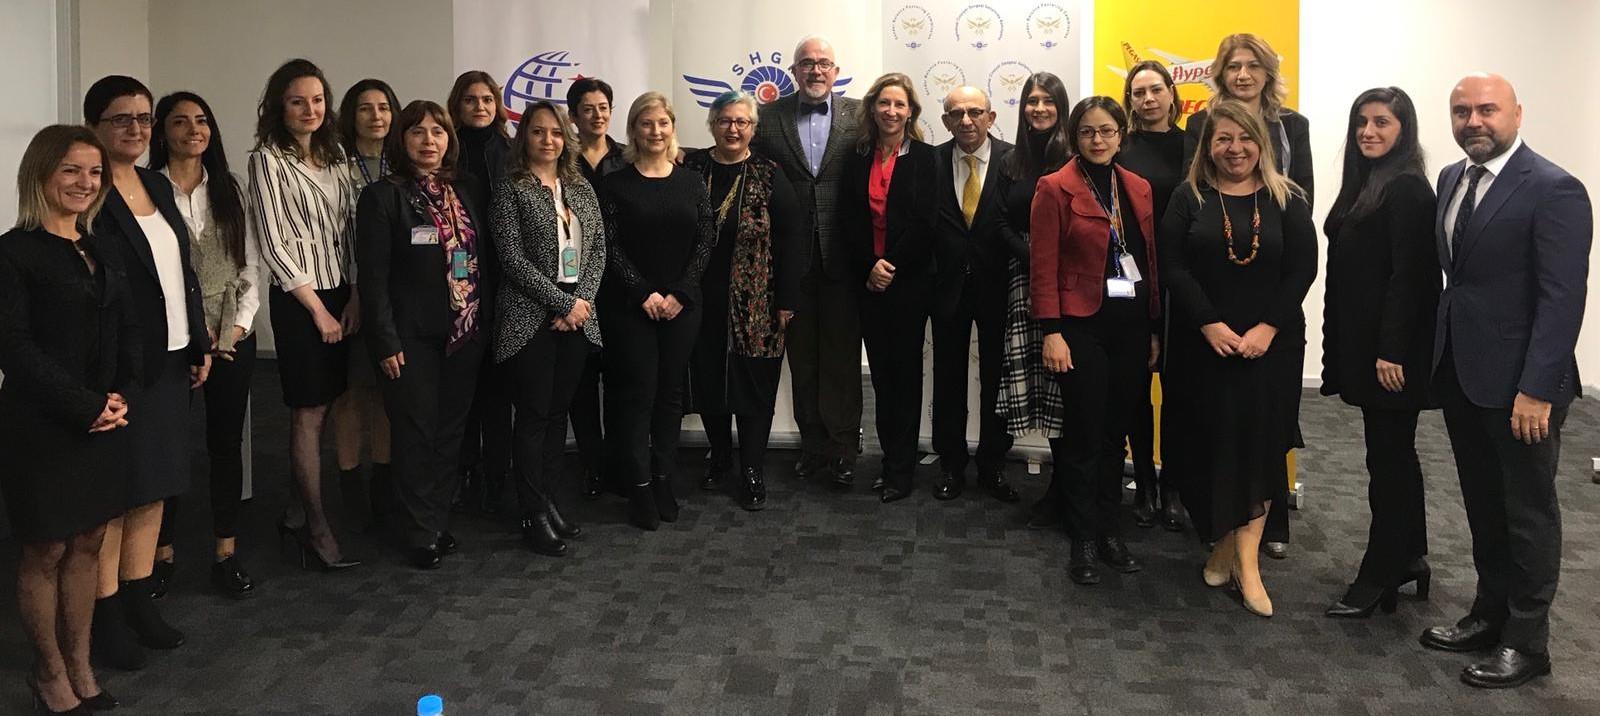 Sivil Havacılık Genel Müdürlüğü Toplumsal Cinsiyet Dengesi Geliştirme Komisyonu İstanbul`da Toplandı